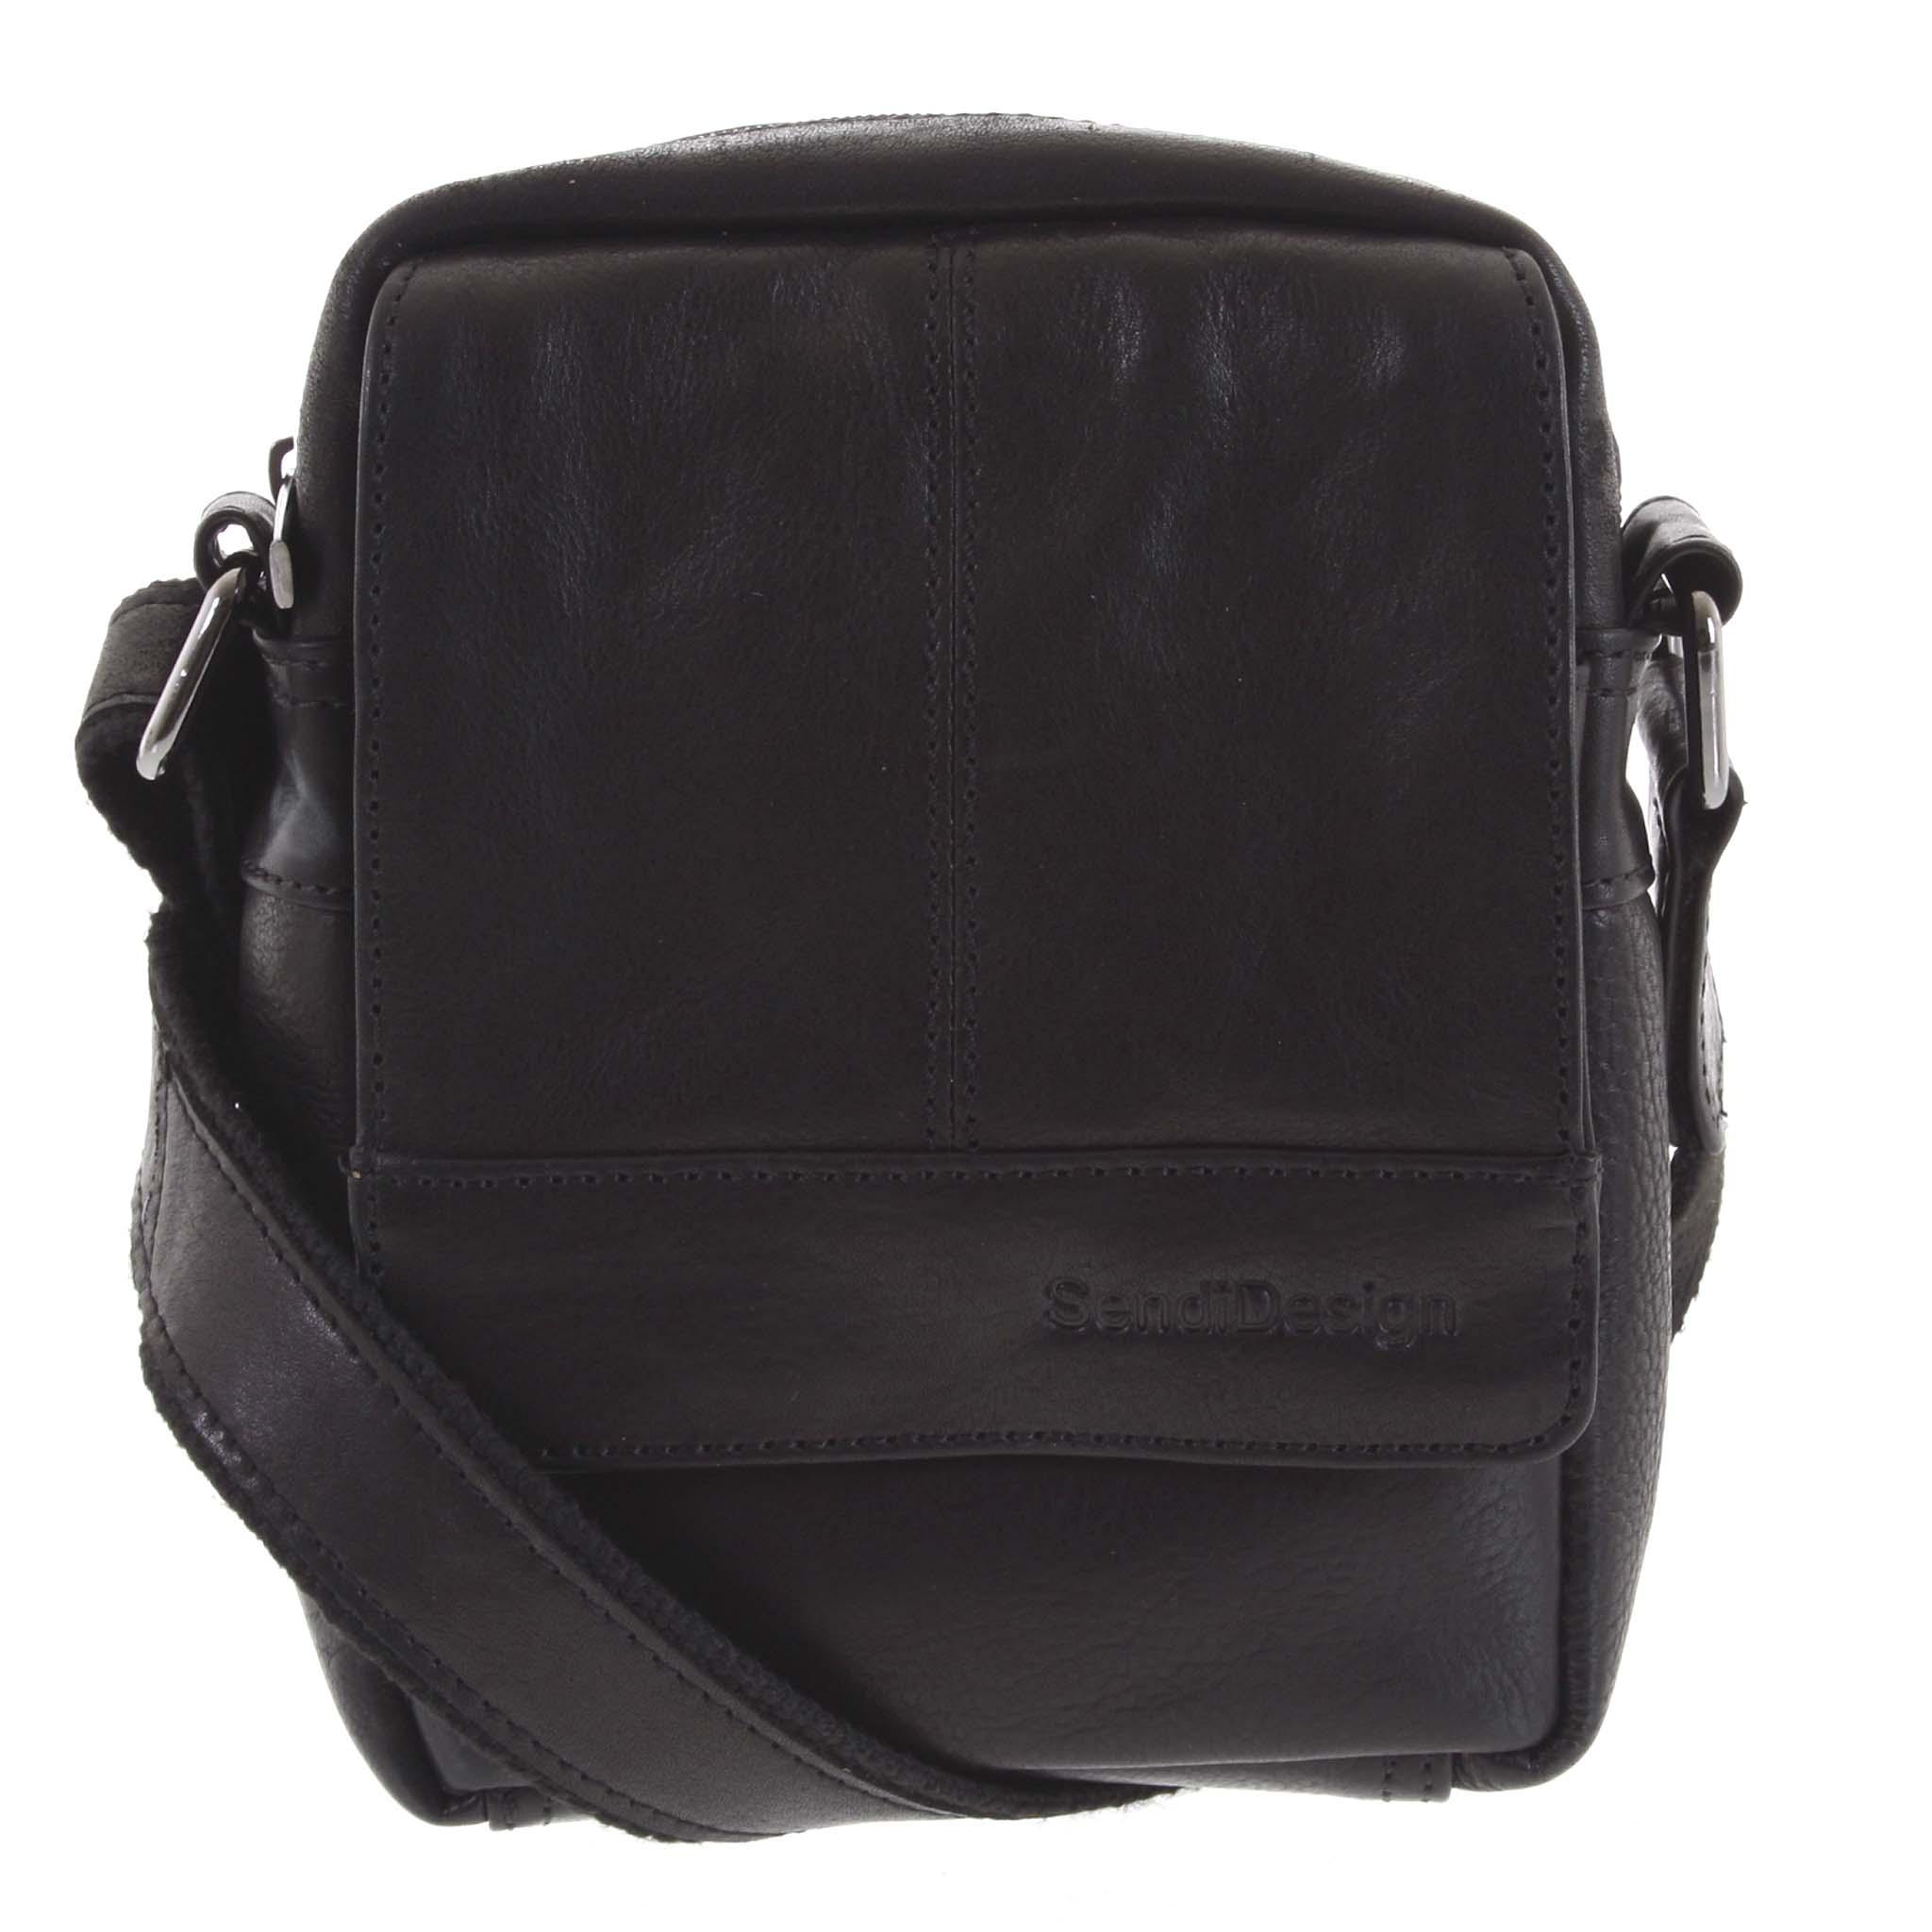 Pánska kožená crossbody taška na doklady čierna - SendiDesign Niall čierna